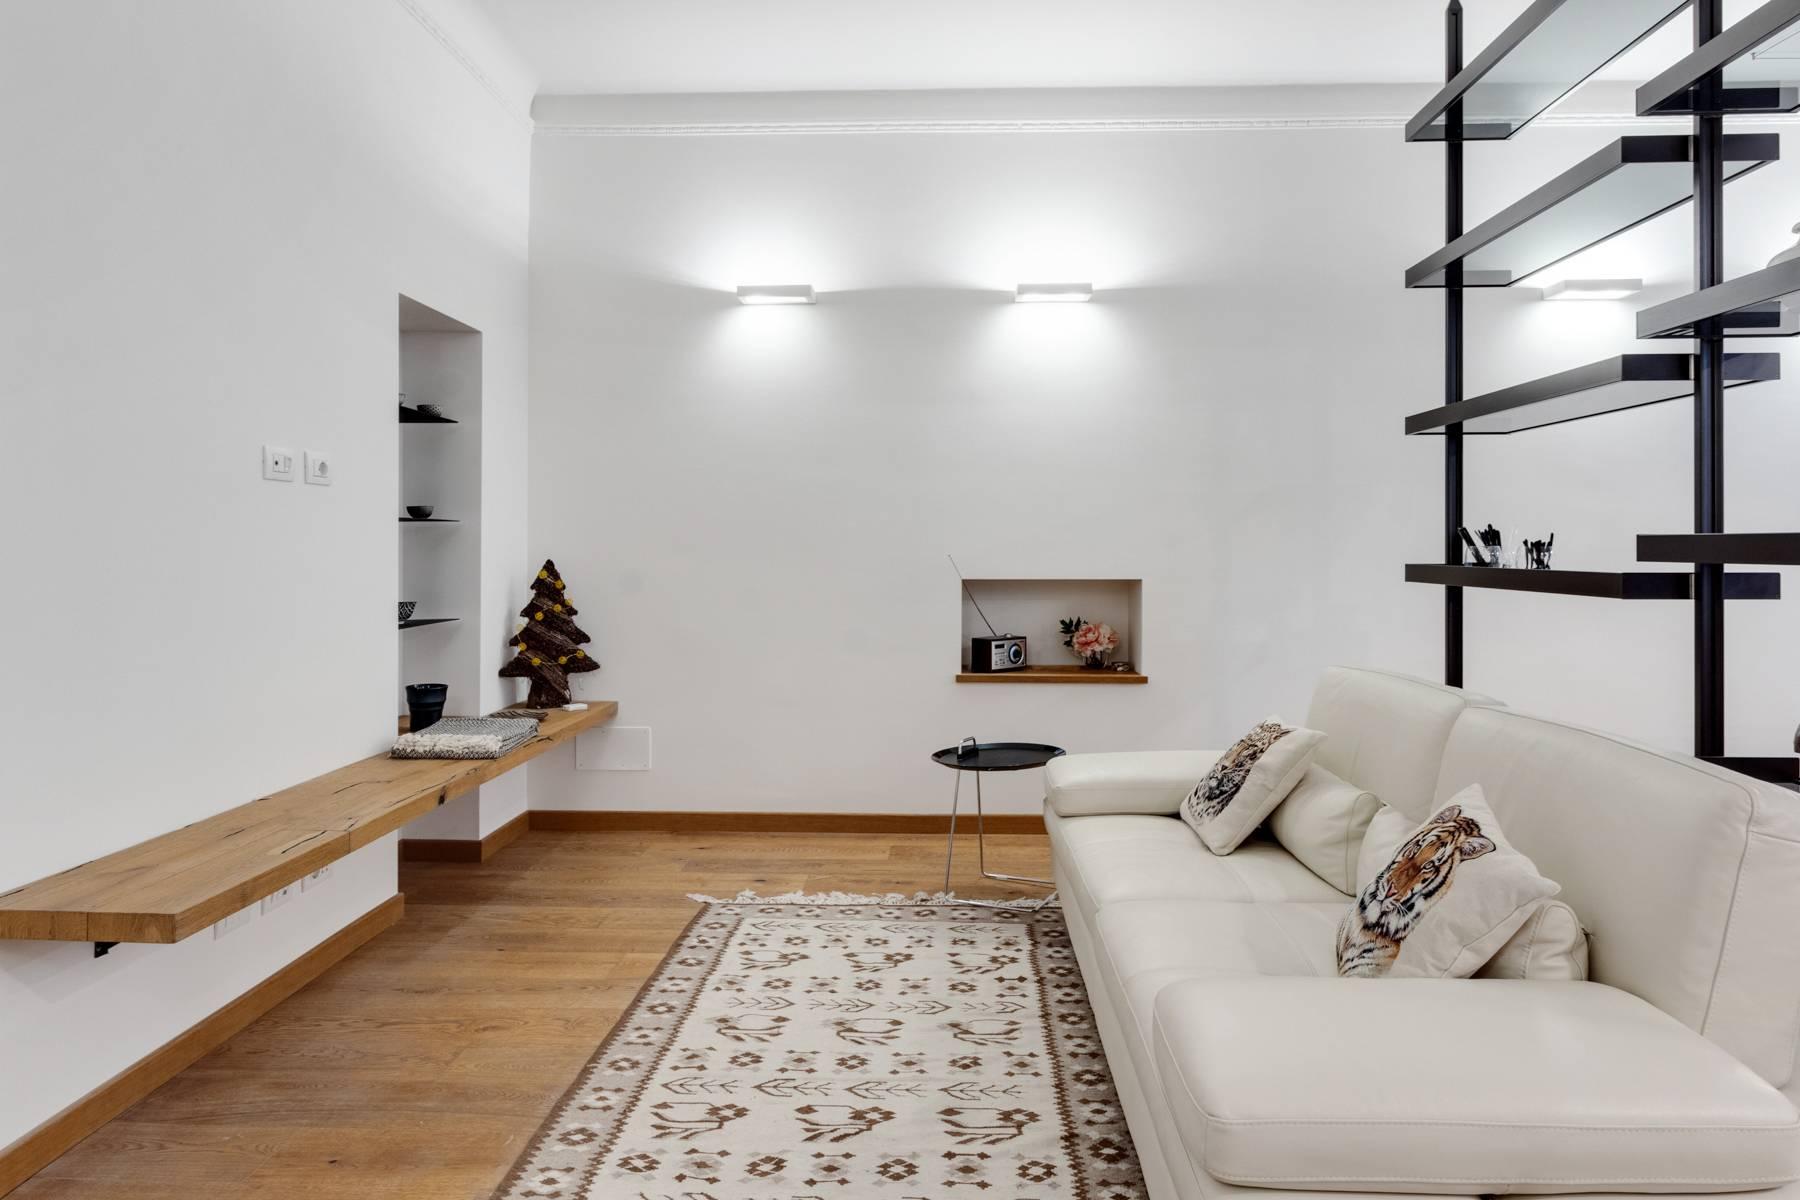 Appartamento in Affitto a Torino: 3 locali, 86 mq - Foto 4